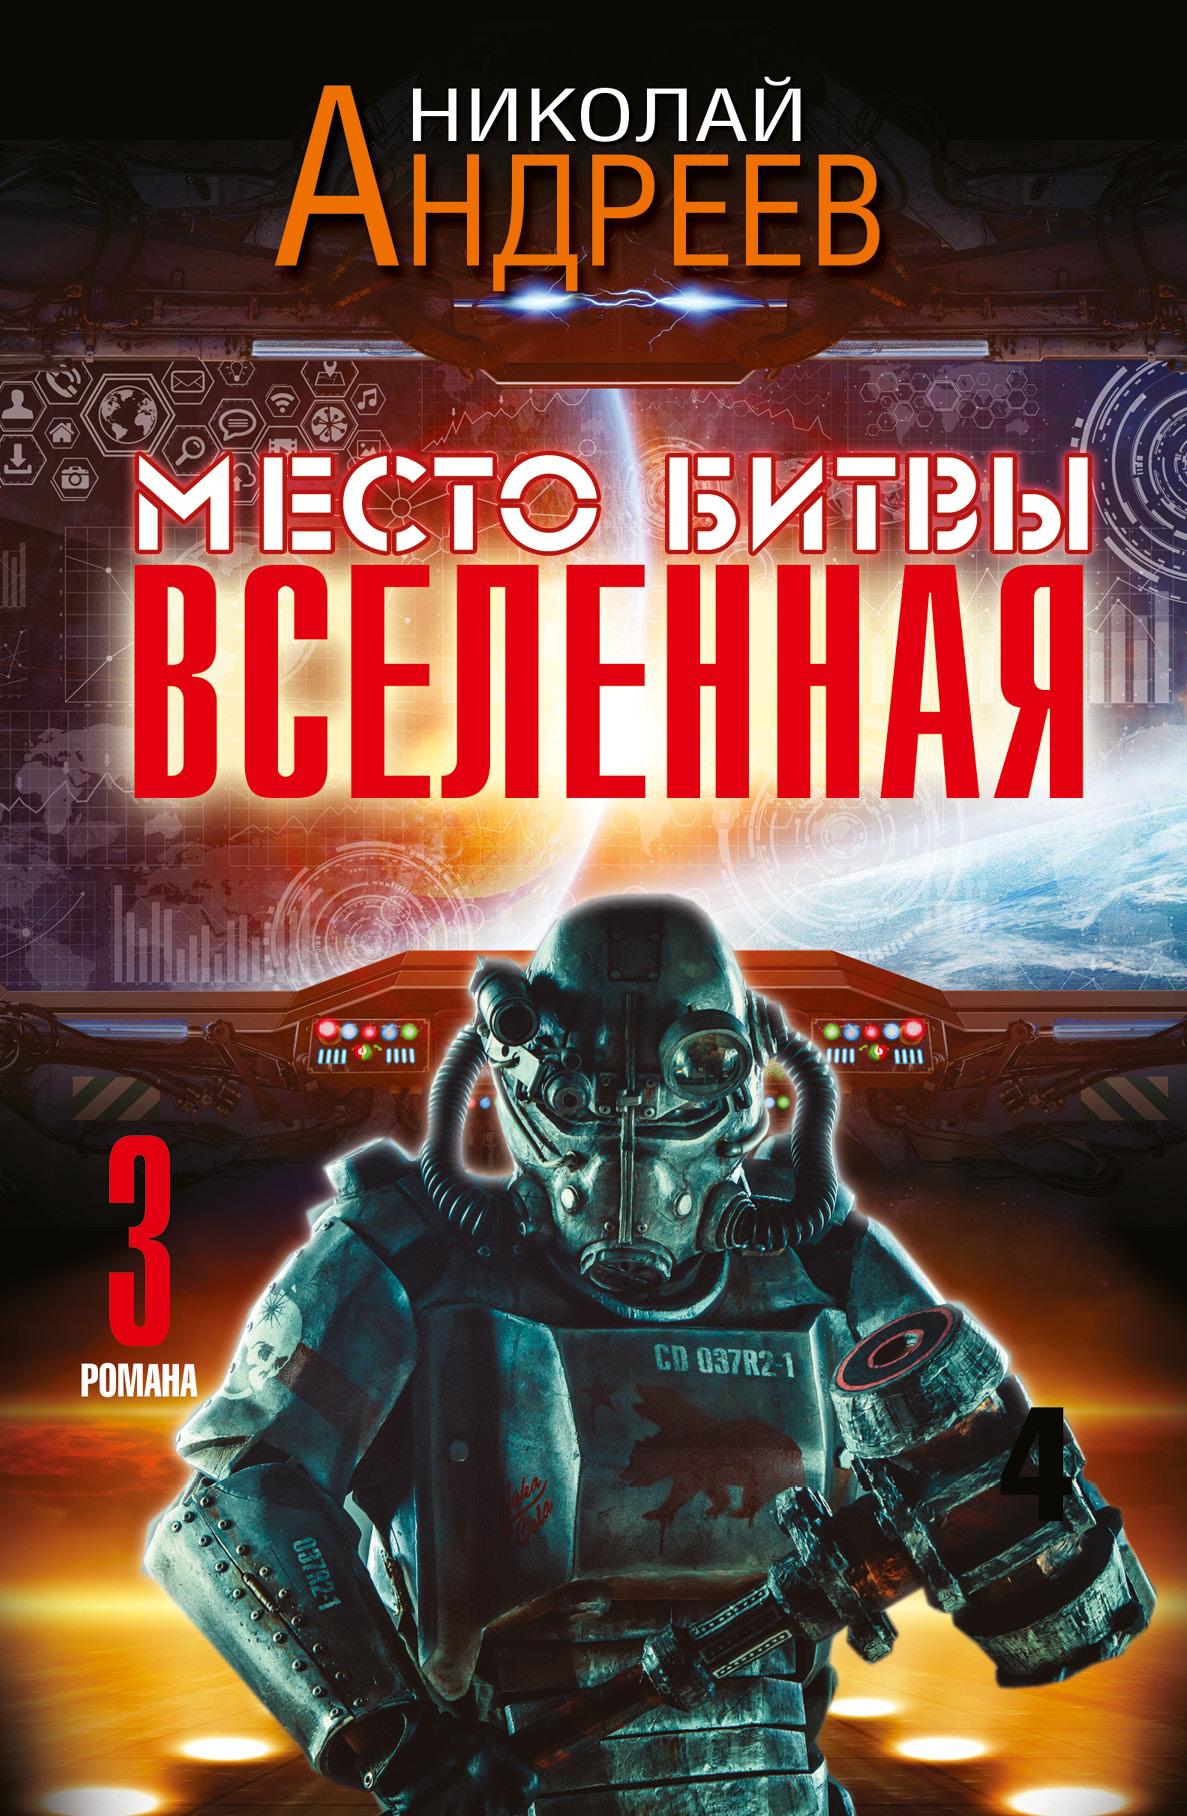 купить Андреев Н.Ю. Место битвы - Вселенная. 3 романа по цене 390 рублей